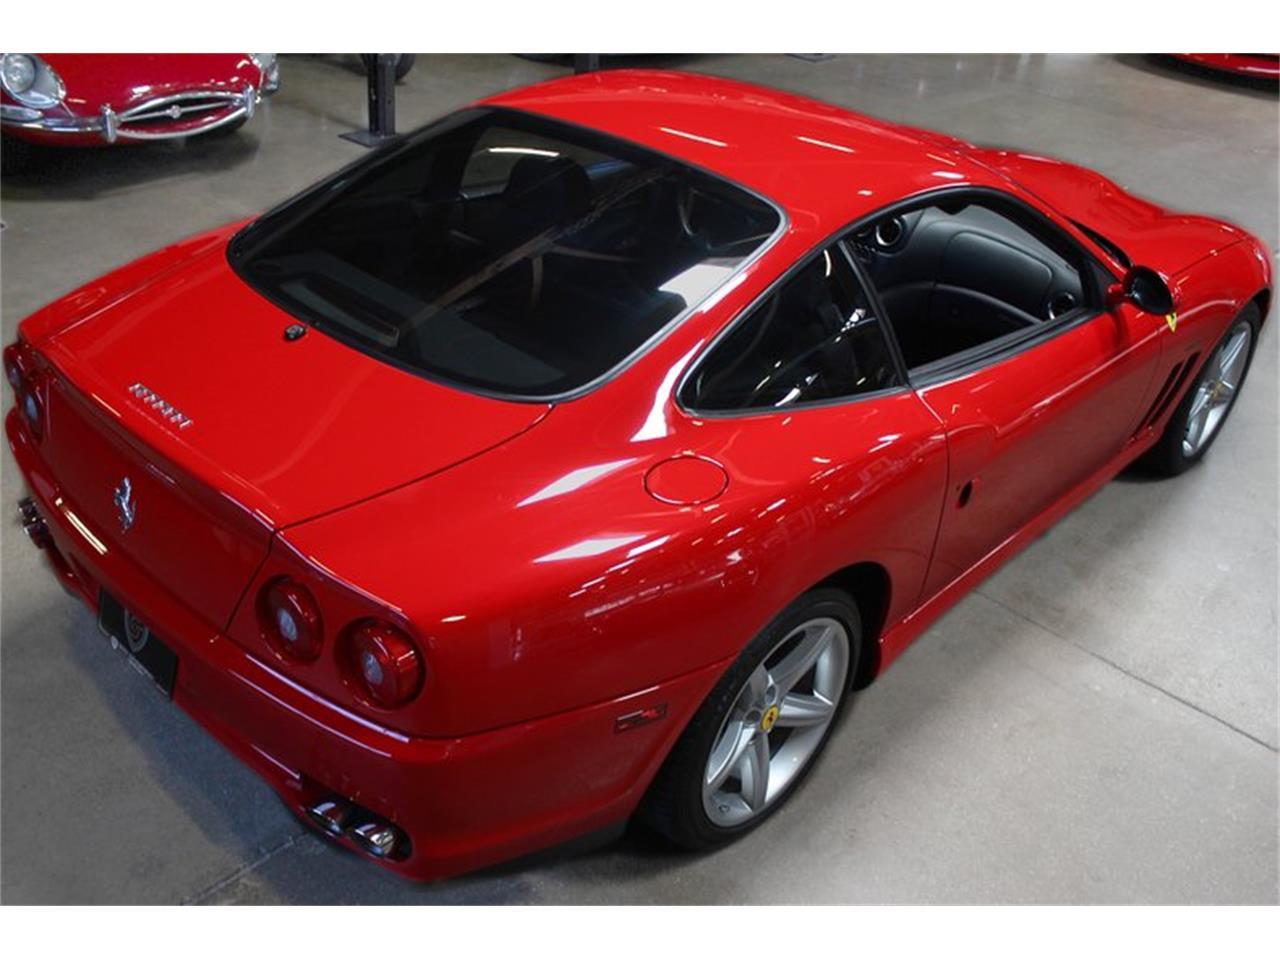 Large Picture of '03 Ferrari 575 located in San Carlos California - $109,995.00 - QTEK